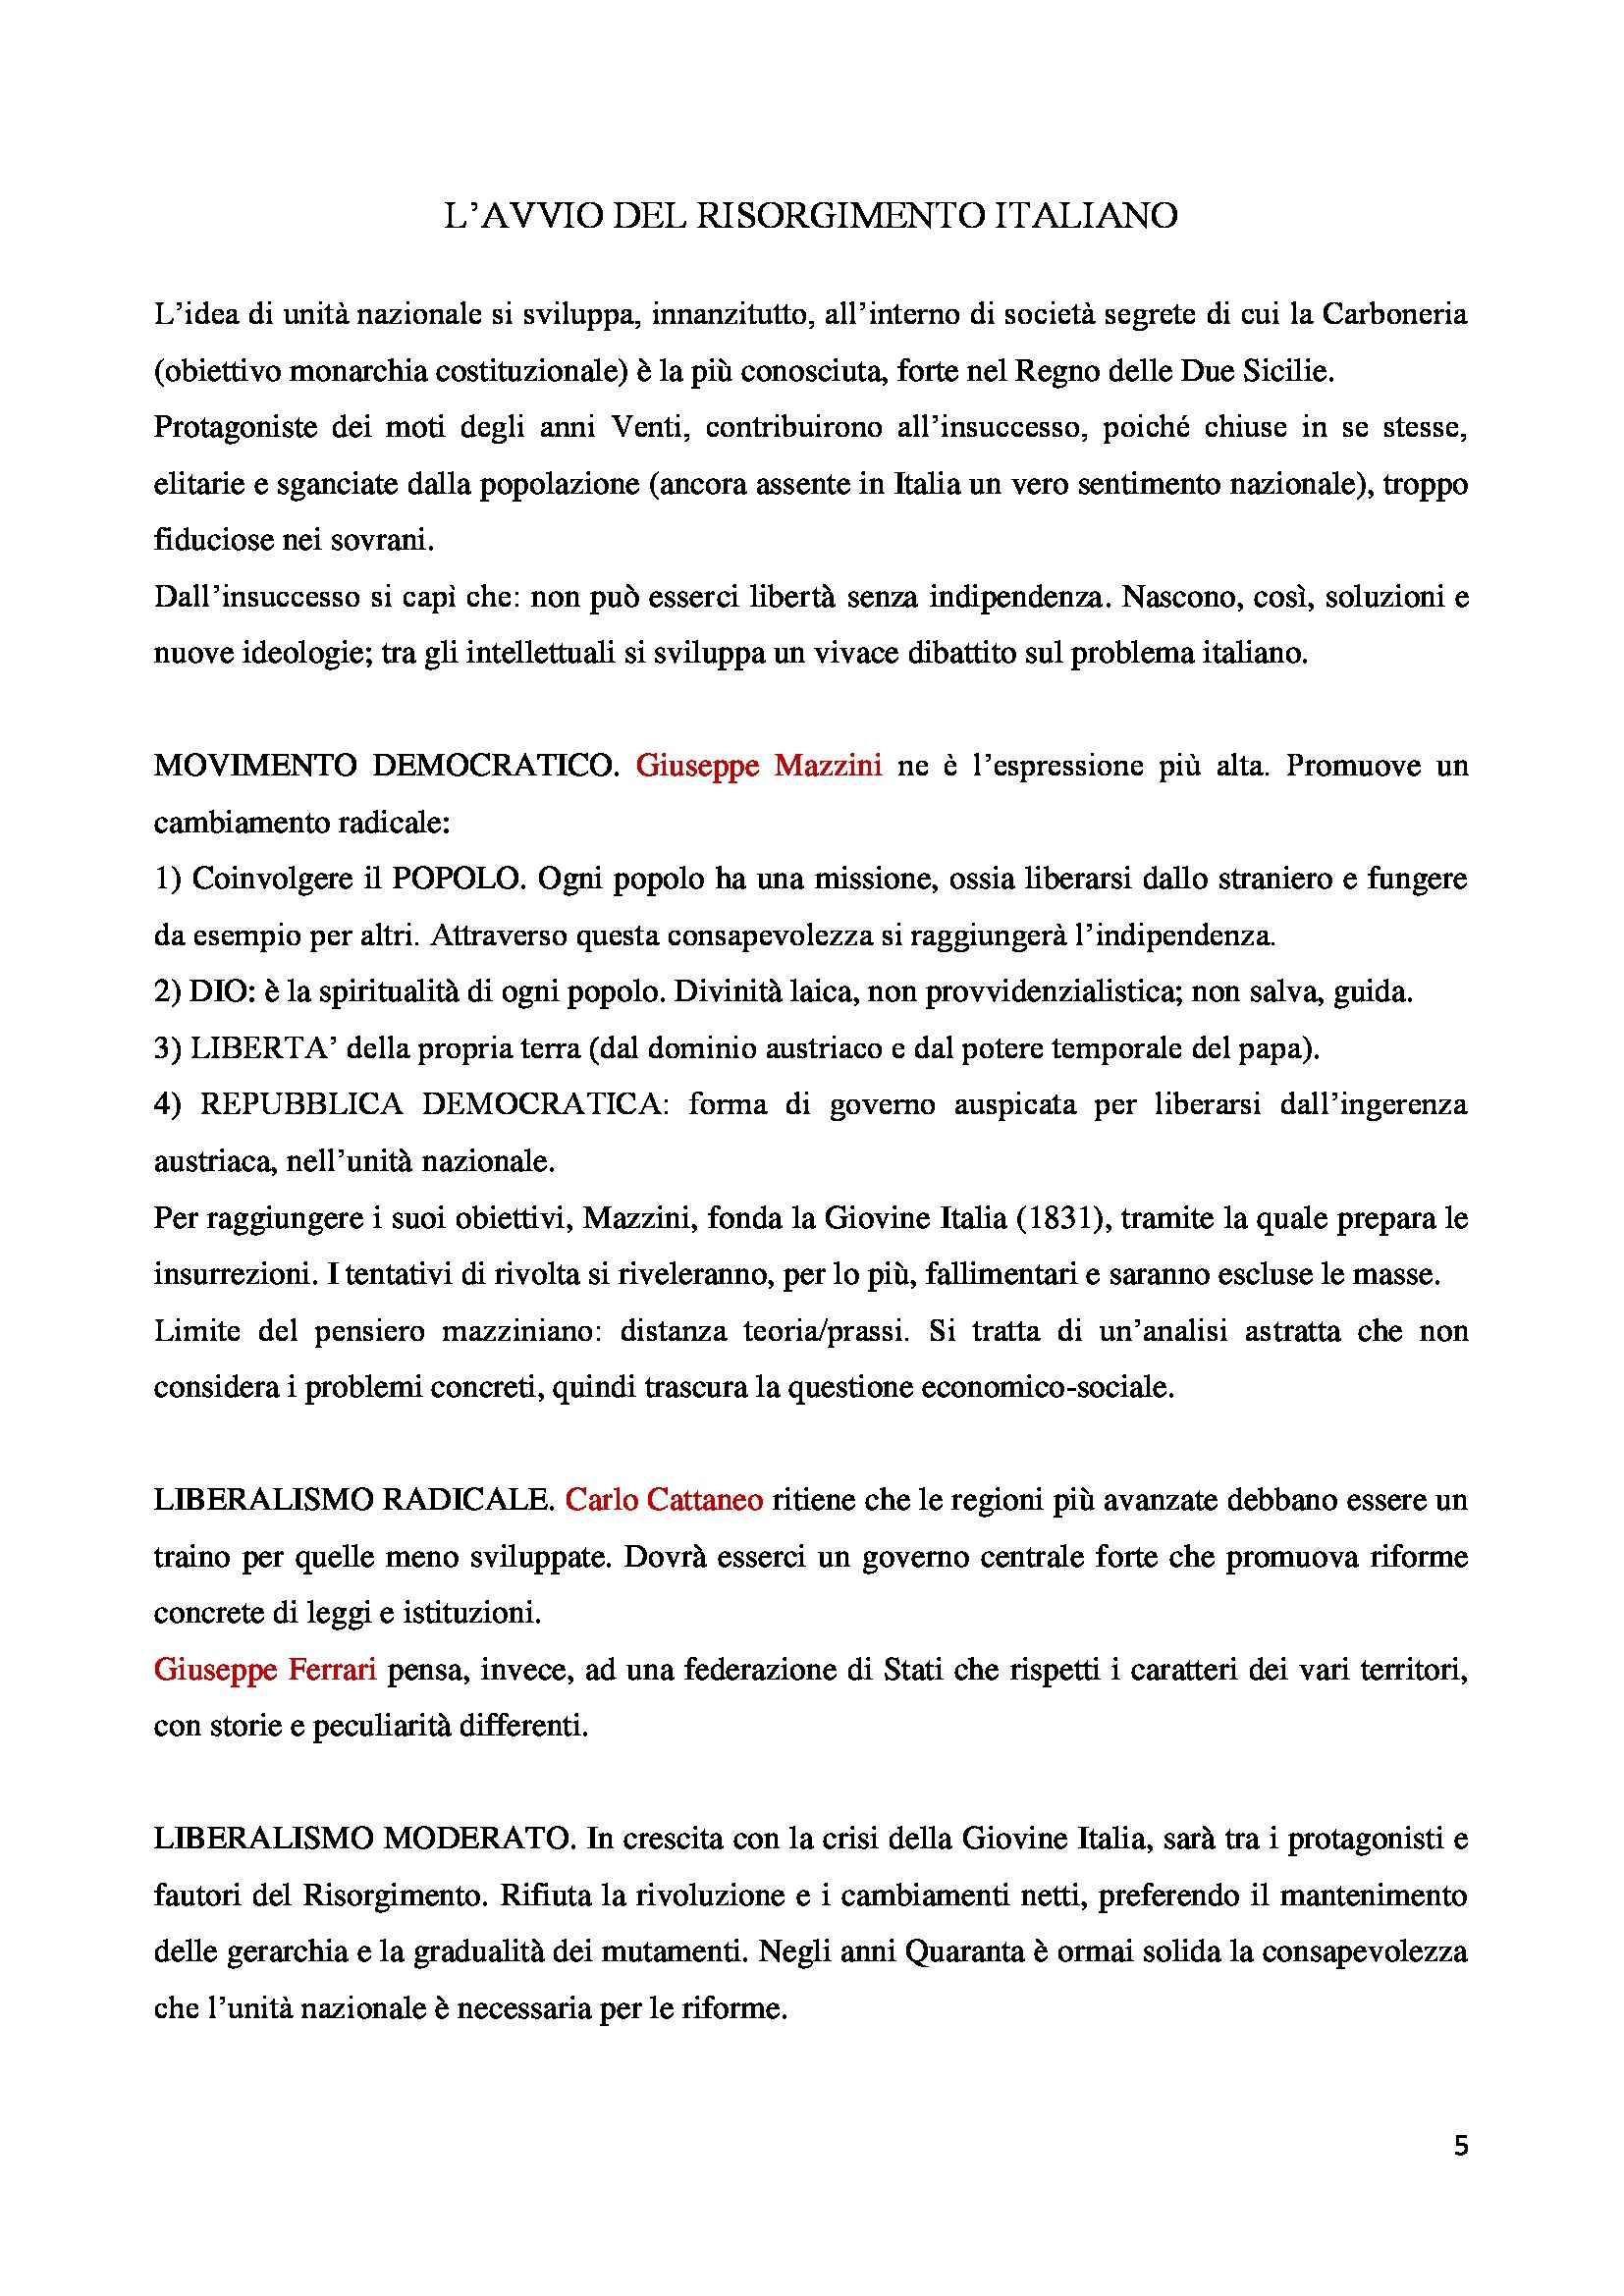 Storia contemporanea - avvio del Risorgimento